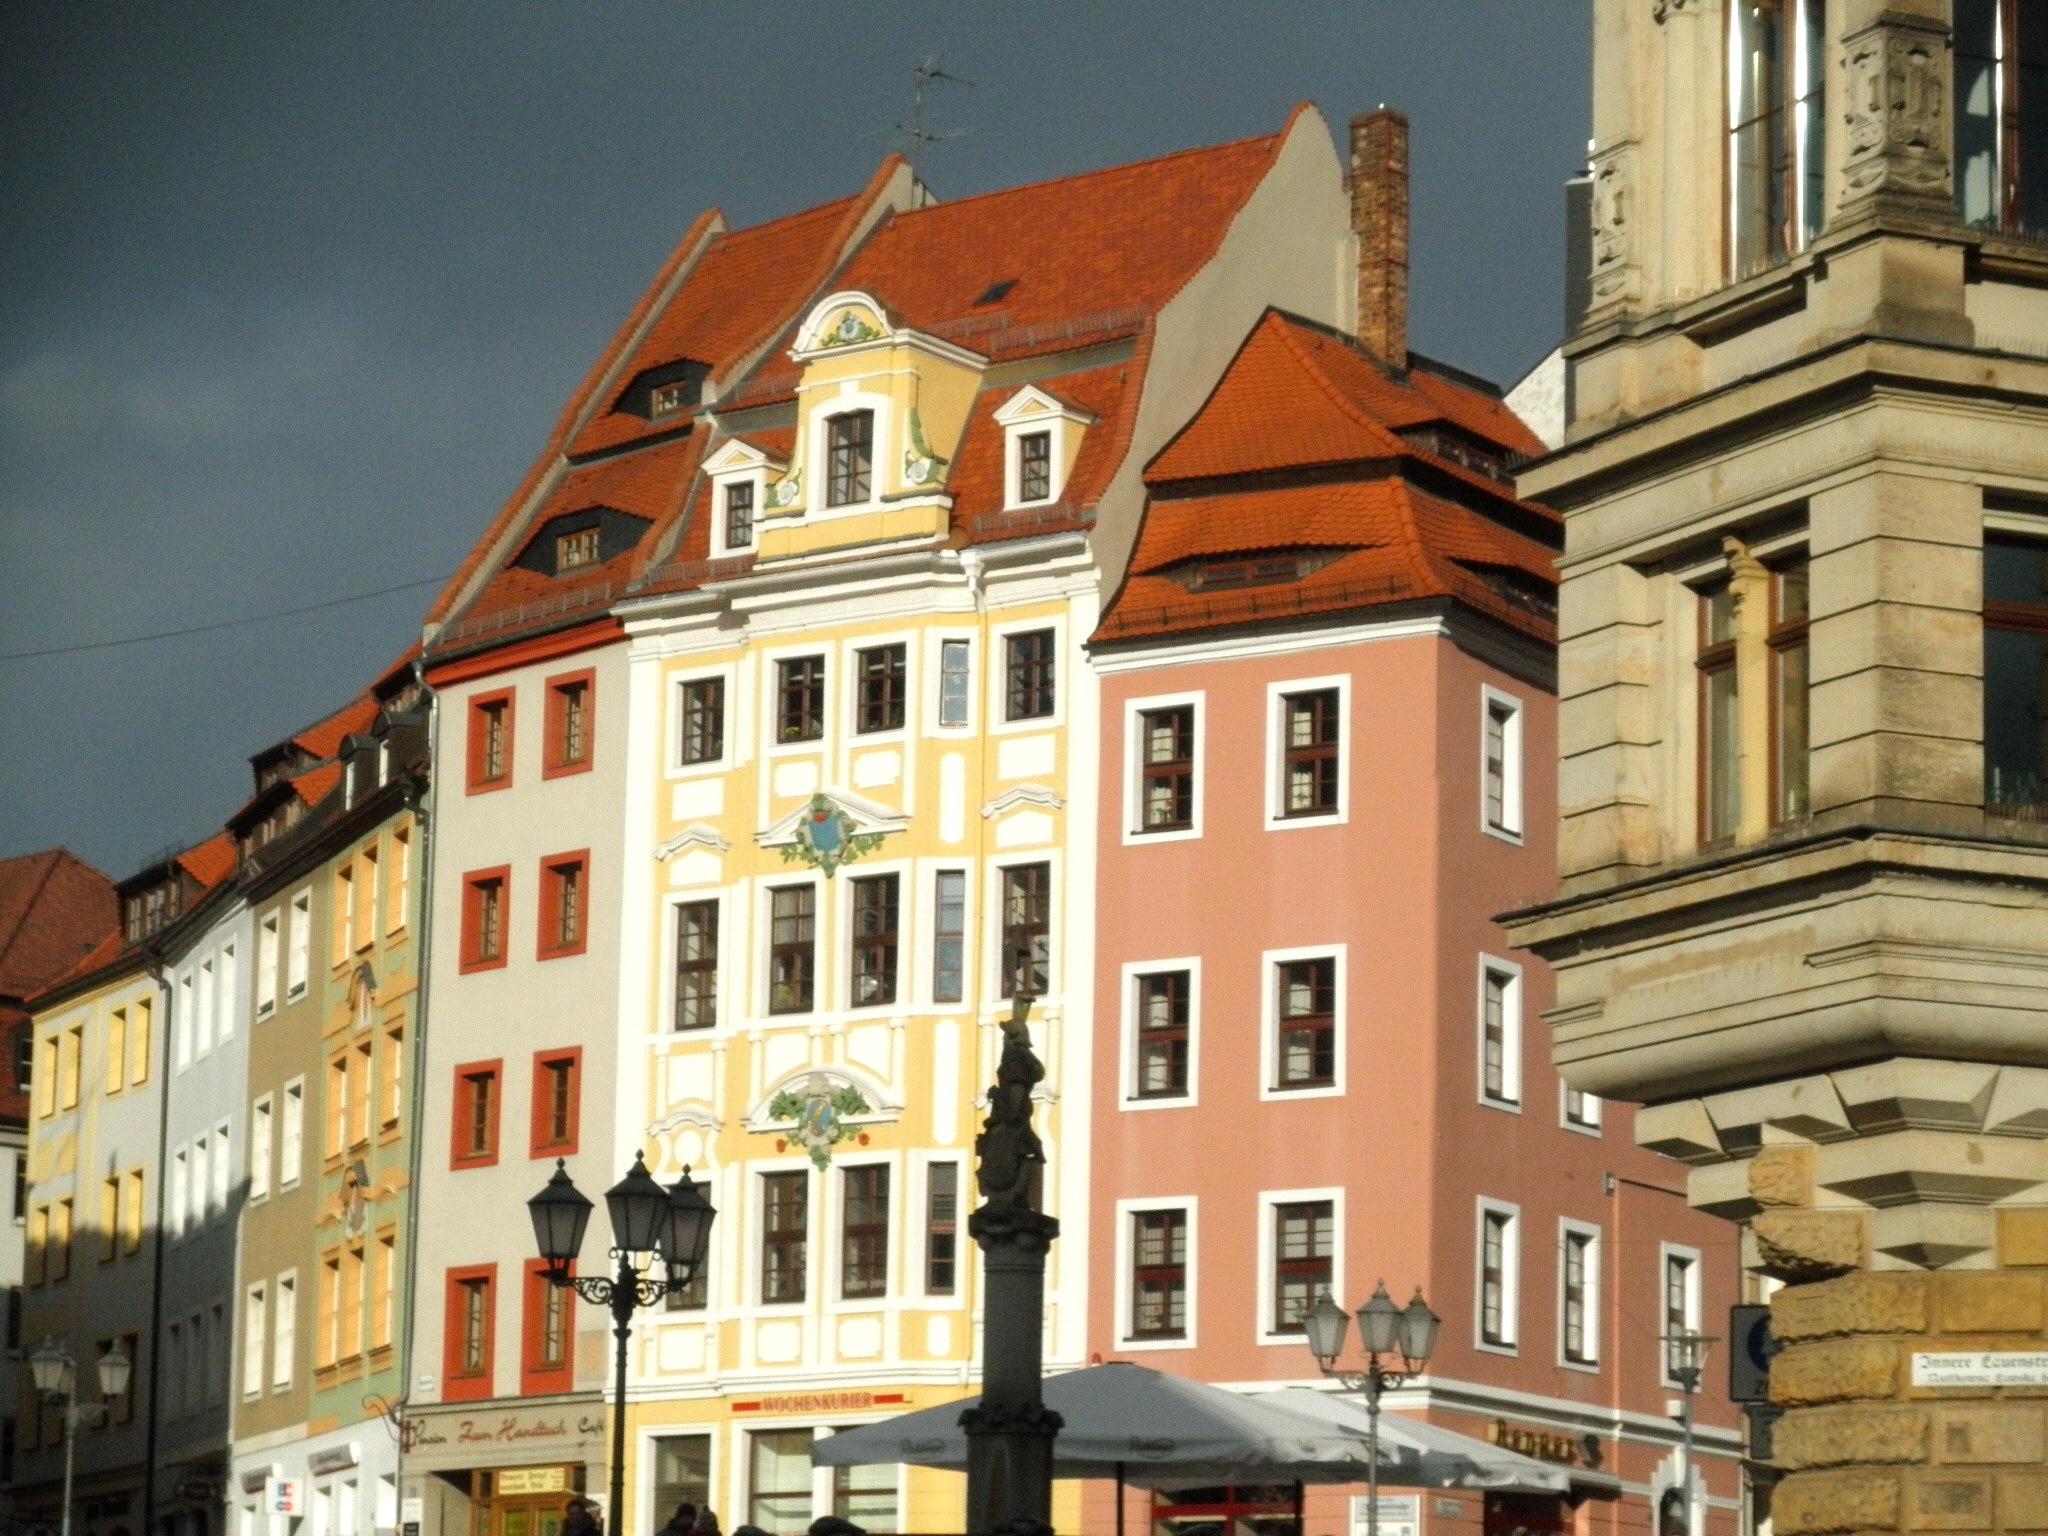 Lužice - Budyšín, barokní domy na radničním náměstí